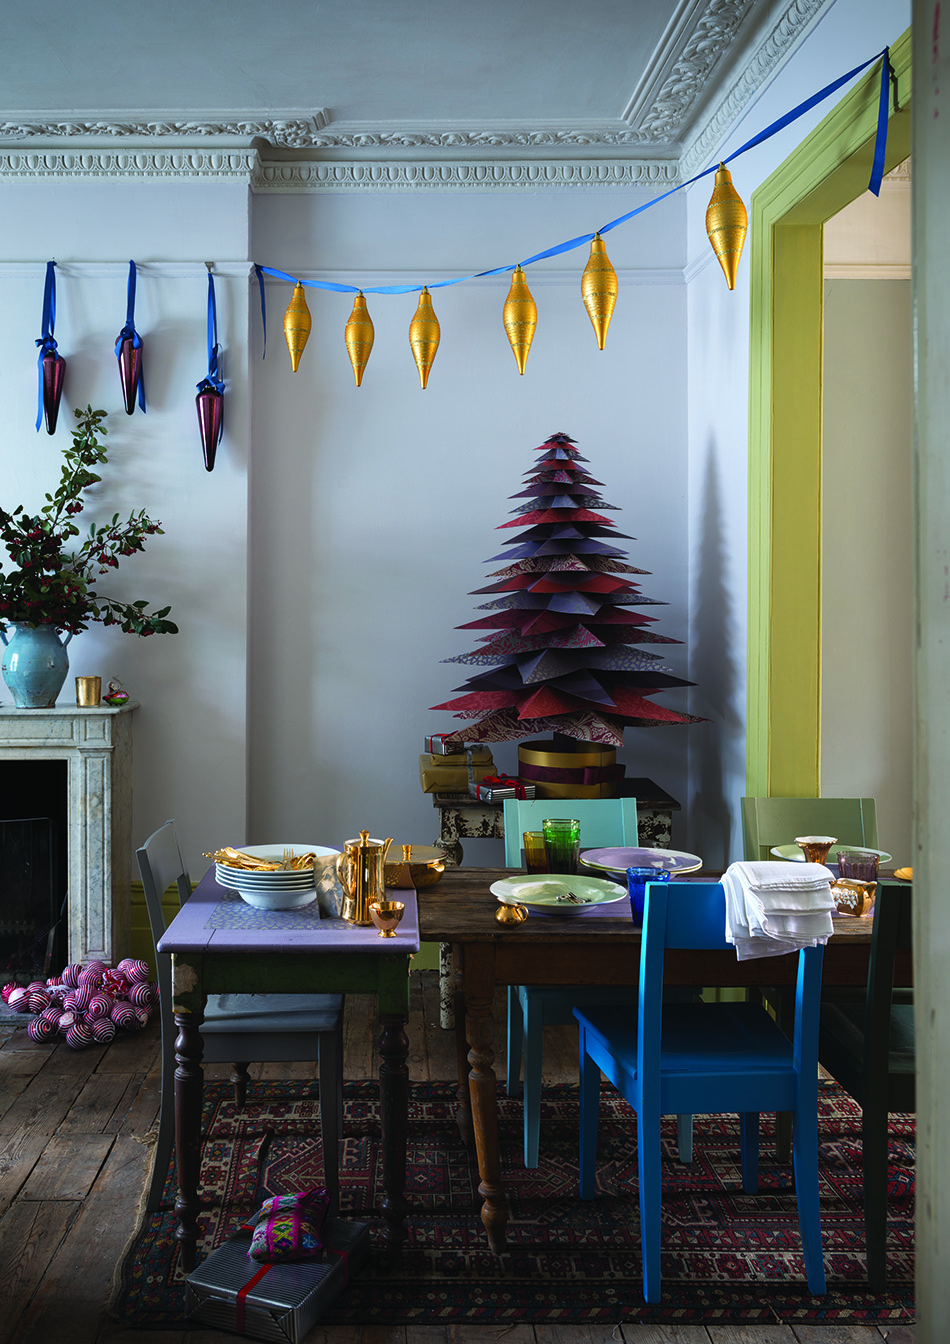 Cómo hacer un árbol de Navidad FarrowBall festive LivingRoom